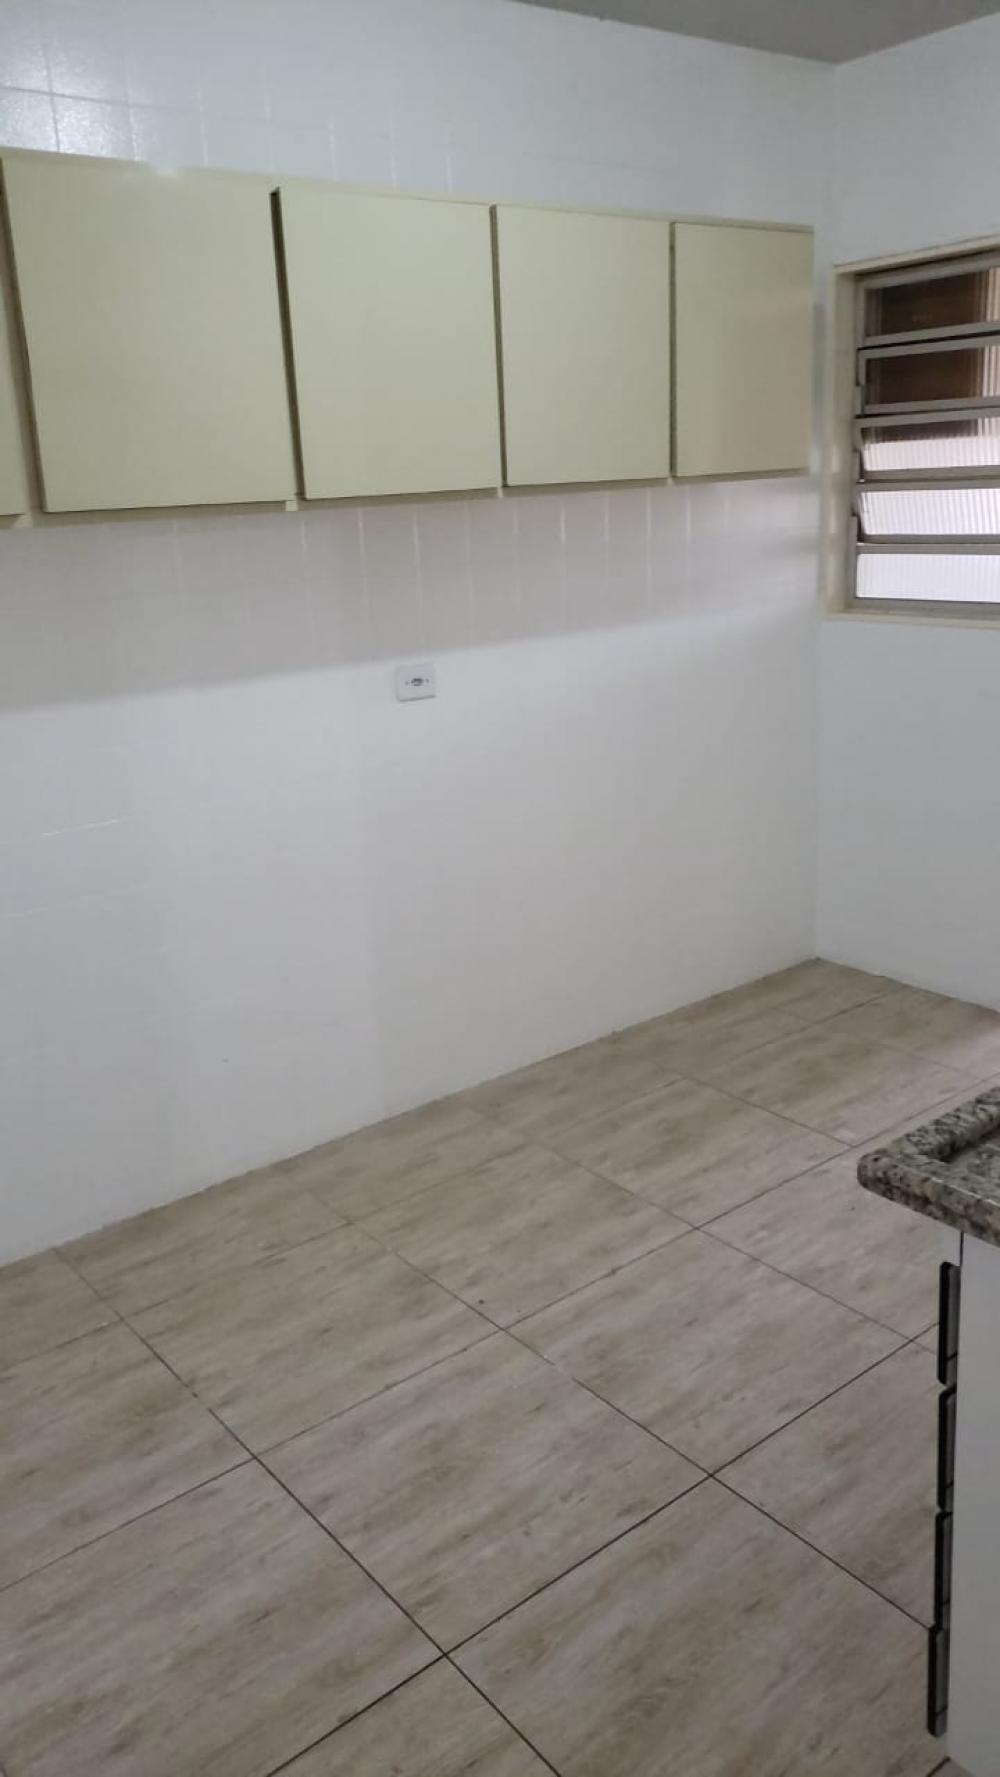 Comprar Apartamento / Padrão em São José do Rio Preto apenas R$ 290.000,00 - Foto 15